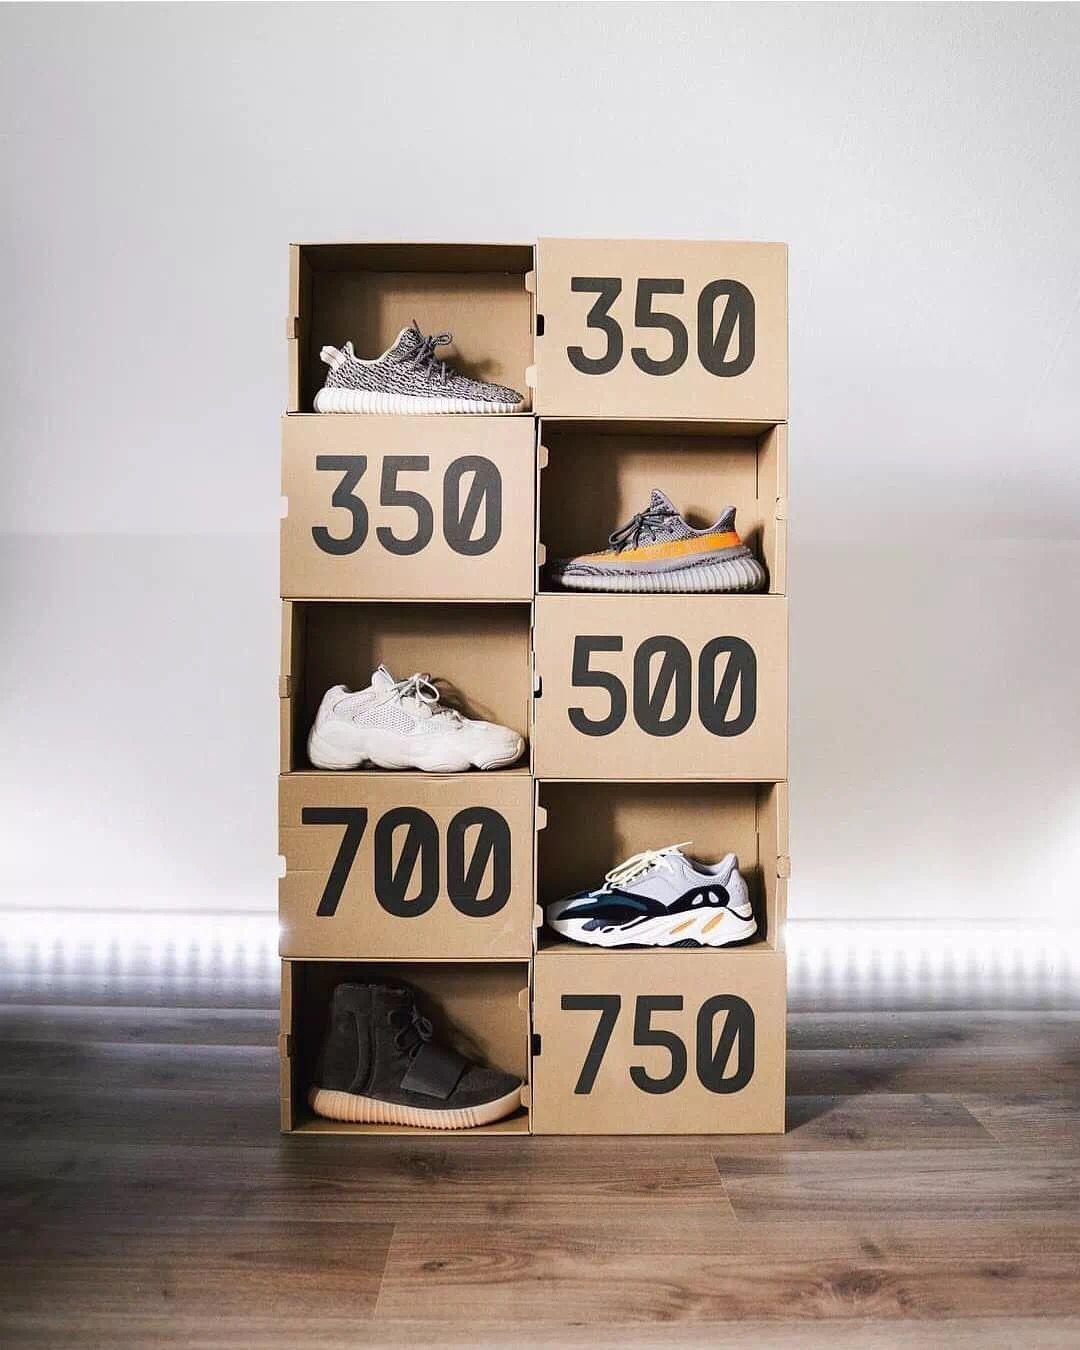 运动鞋生产商,推荐语妍良品鞋服——运动鞋厂家直销